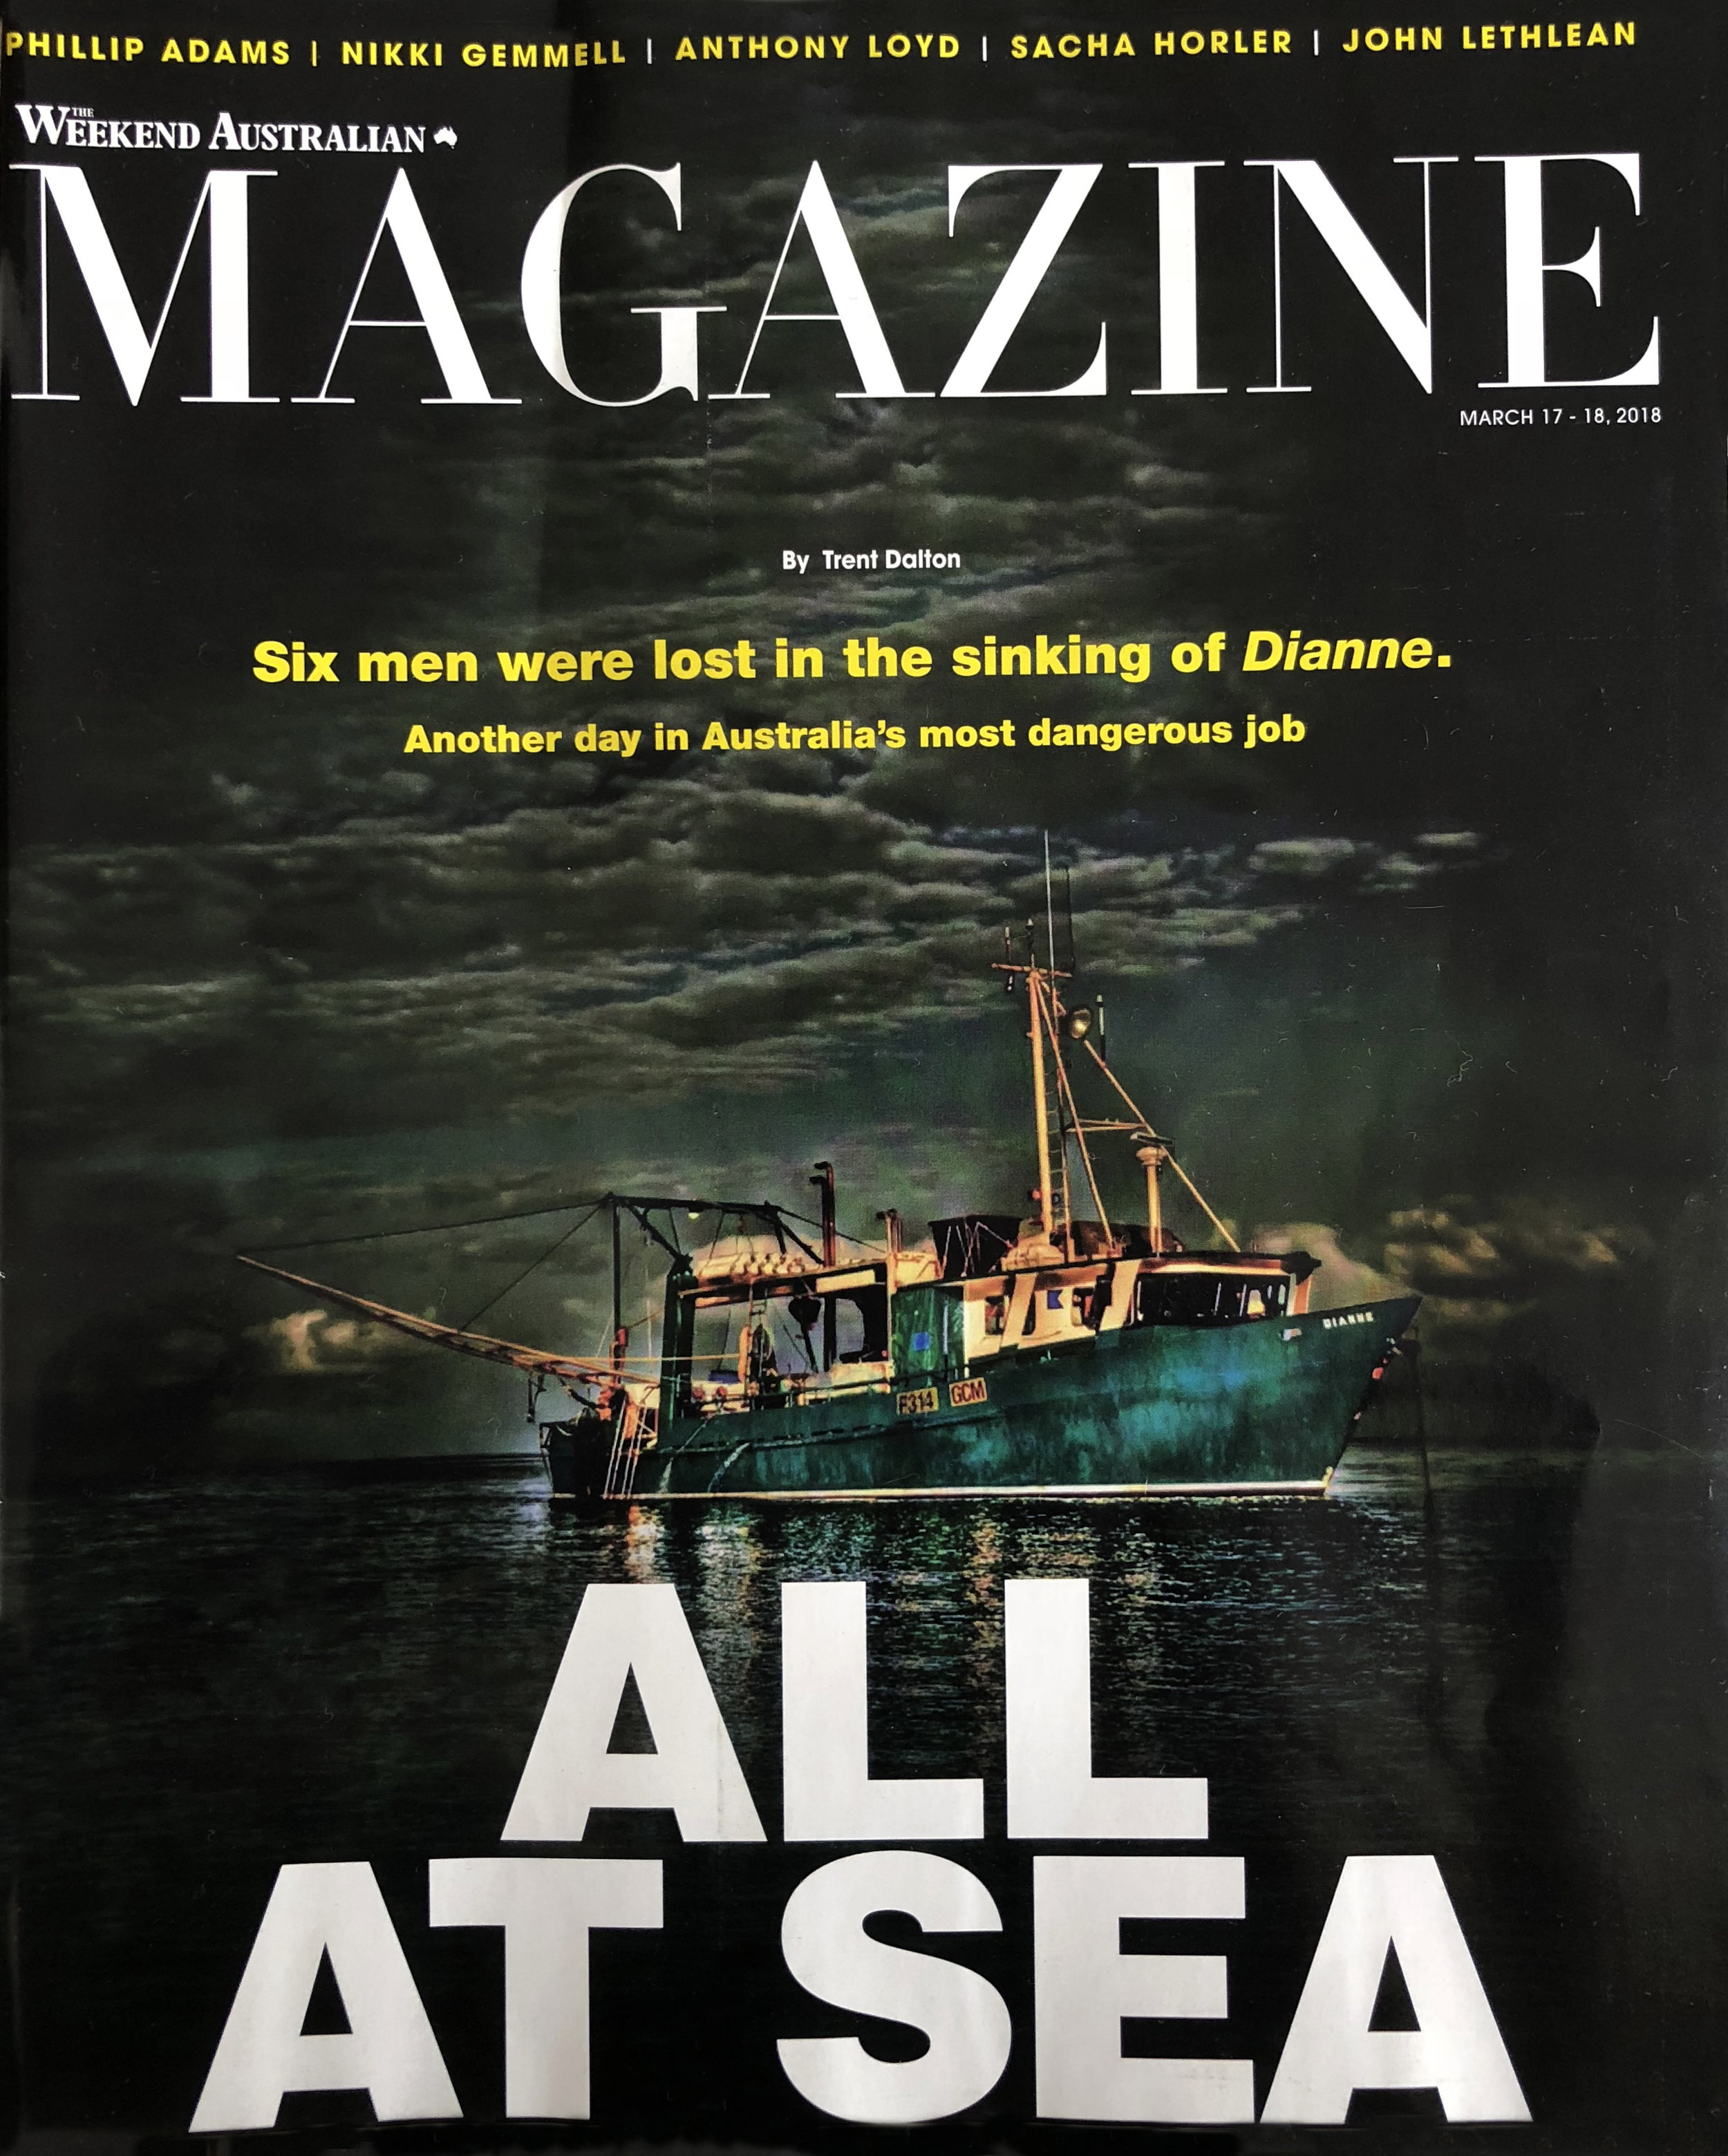 Weekend Austtalian Magazine.jpg